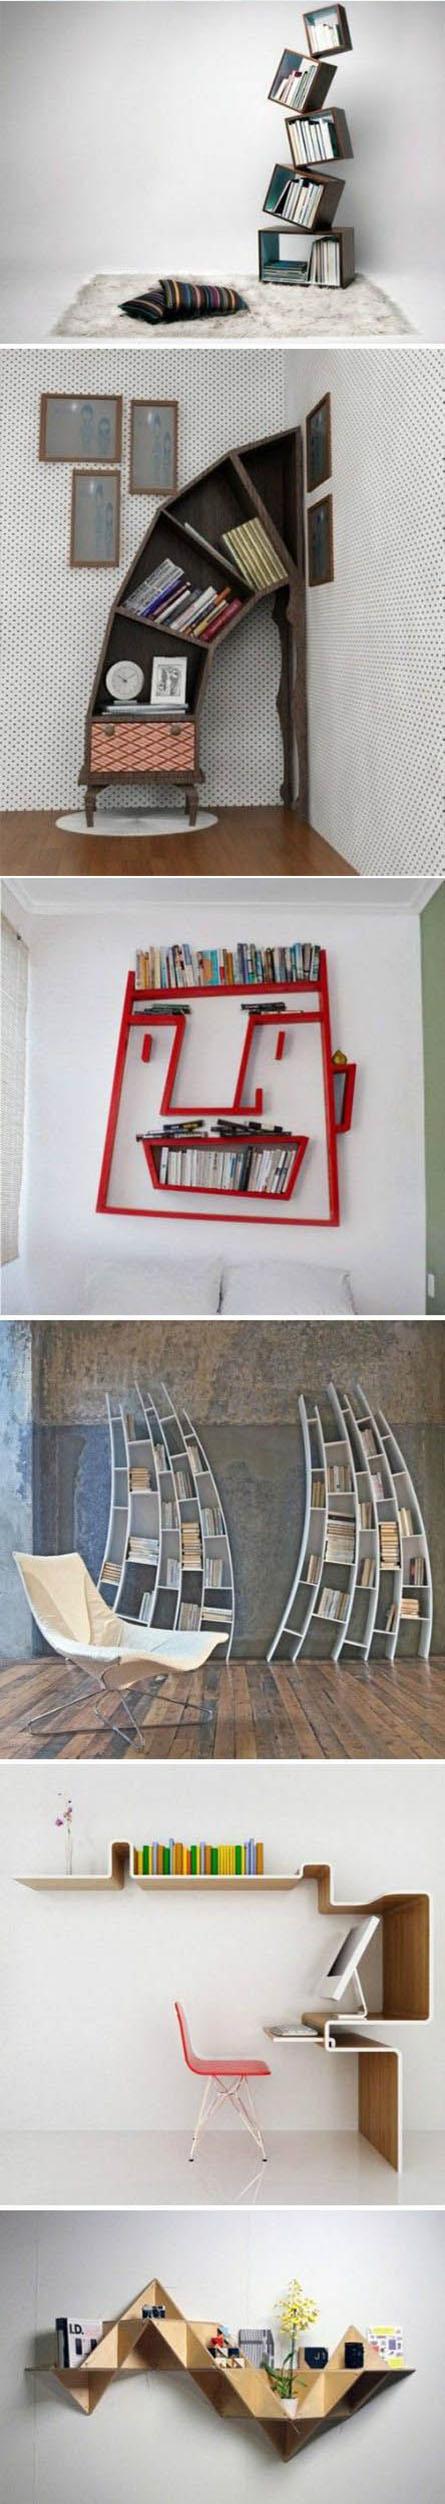 Nice made bookshelf11